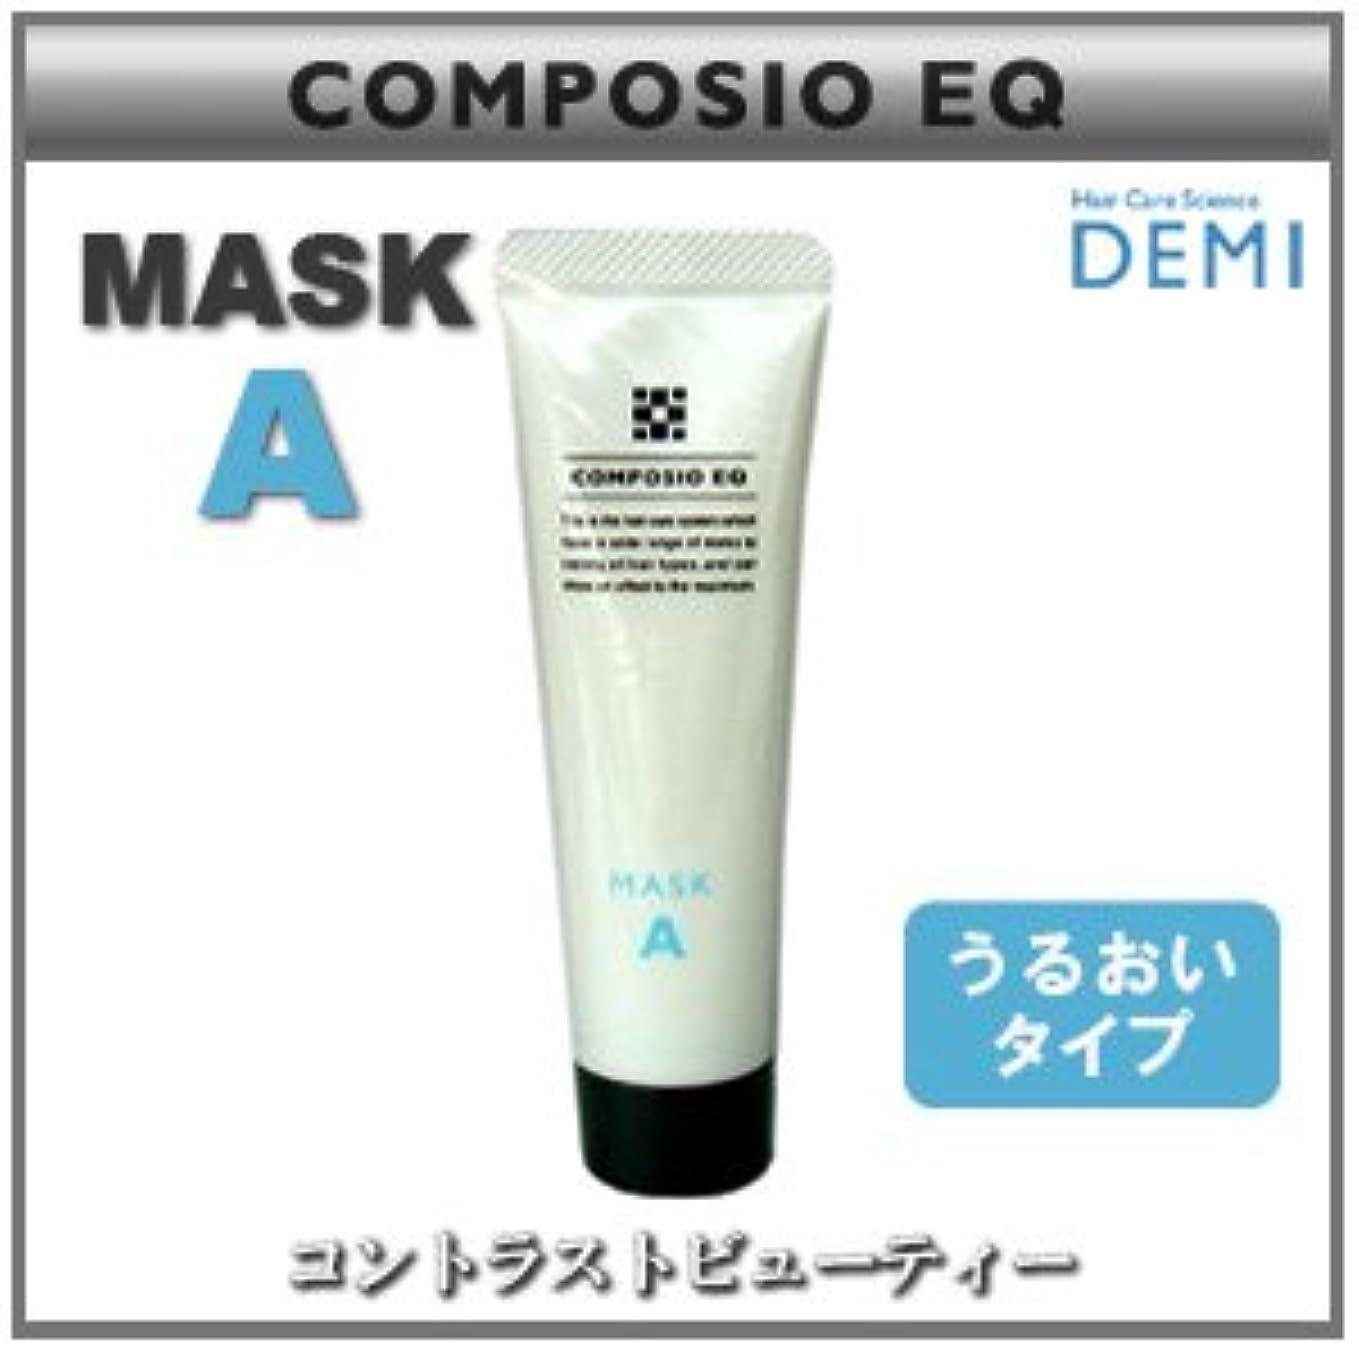 作物予言するレンズ【X5個セット】 デミ コンポジオ EQ マスク A 50g